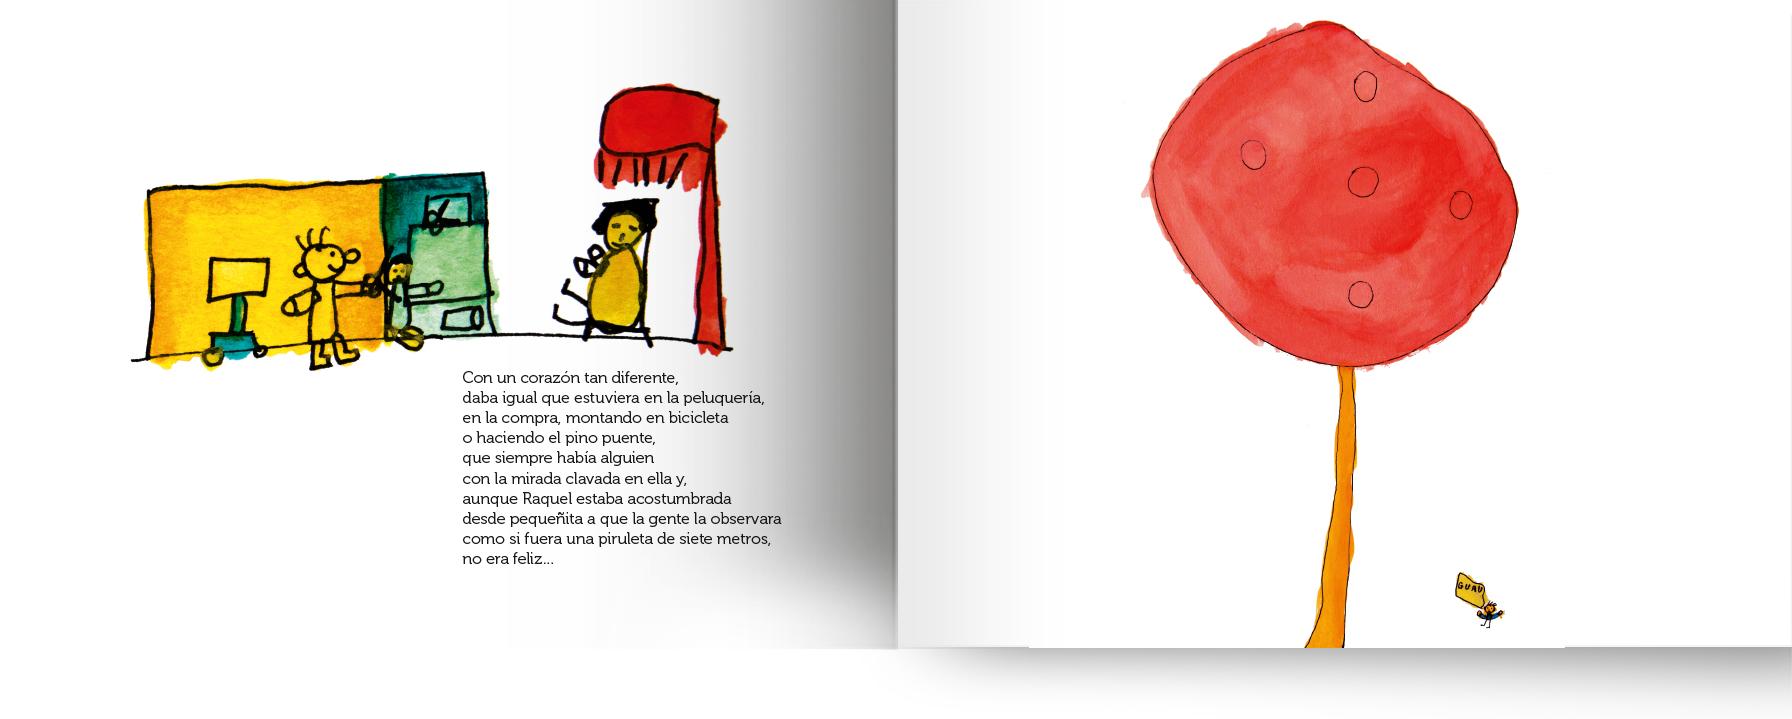 Lacabezadelrinoceronte-libro-La-niña-algodon-acoso-escolar-1